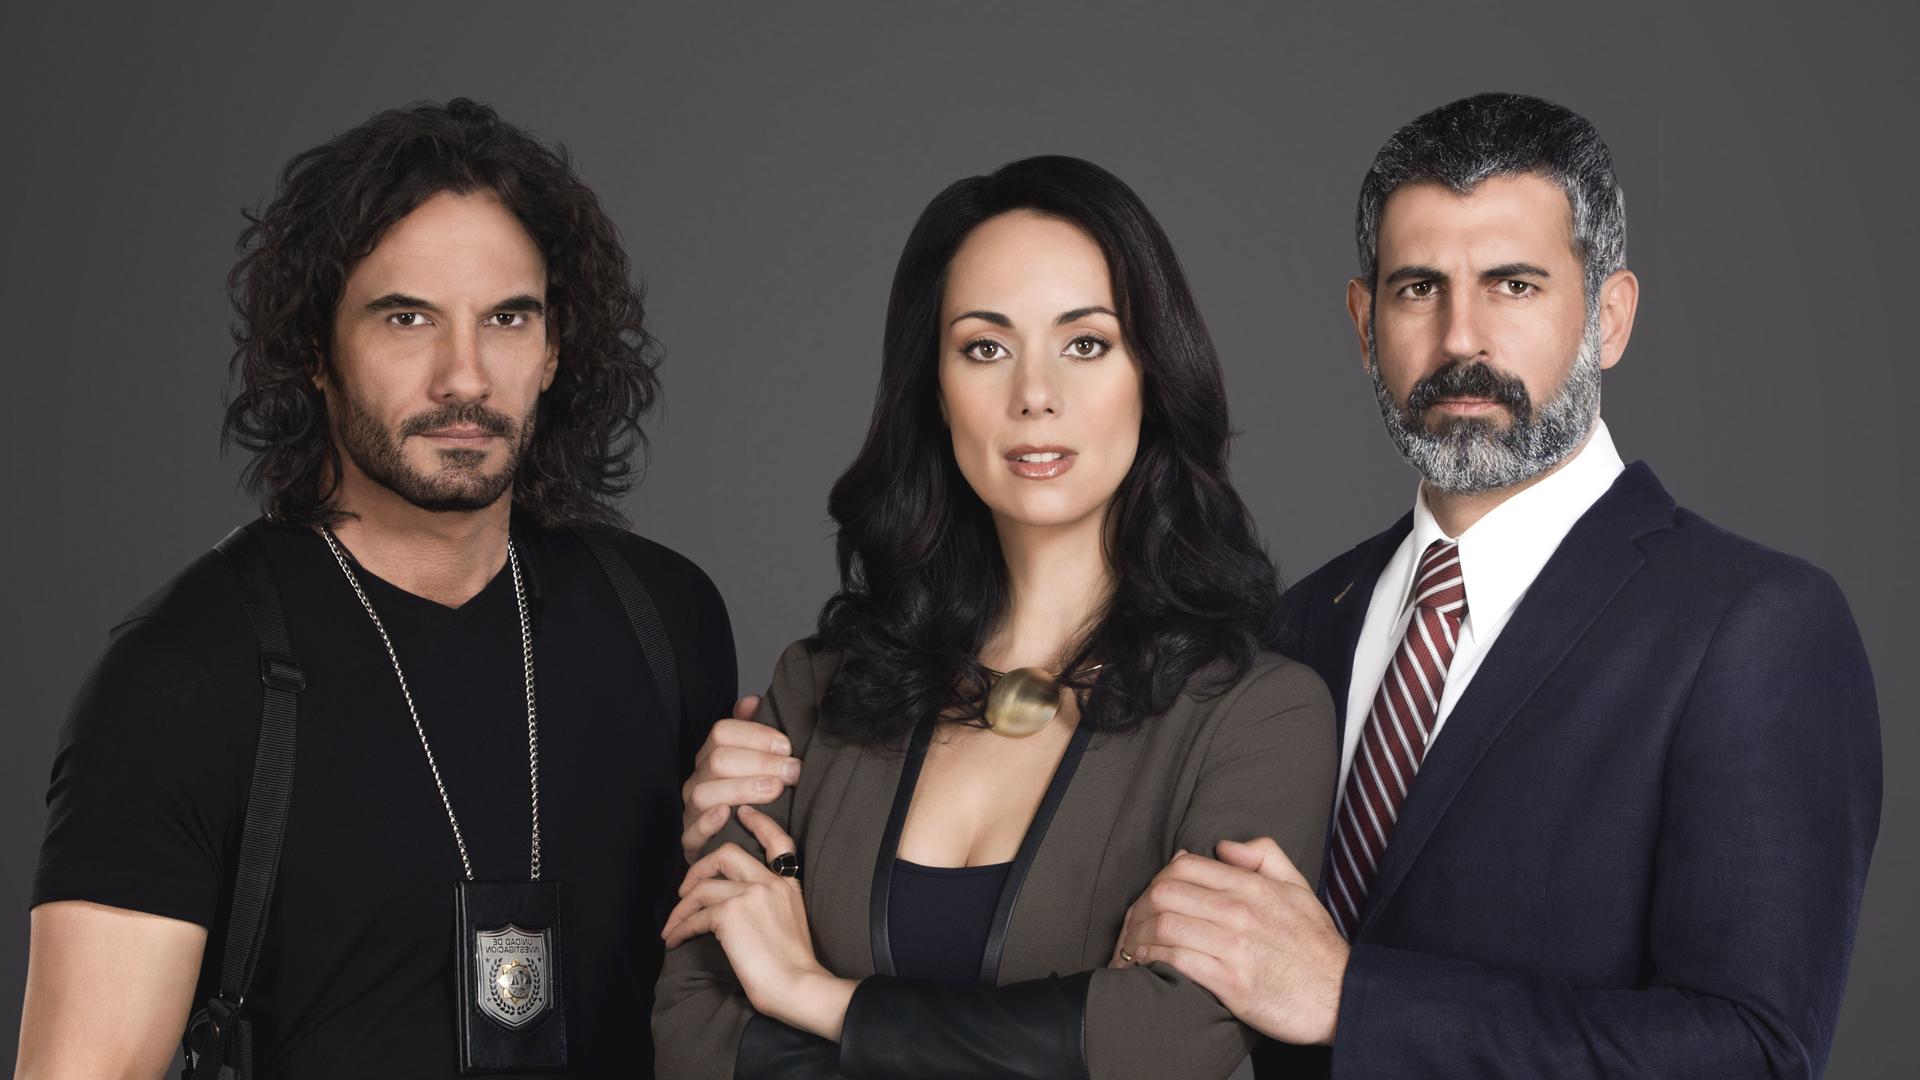 Télénovelas : Secrets de famille - épisode 96 - mardi 21 avril à 17:40